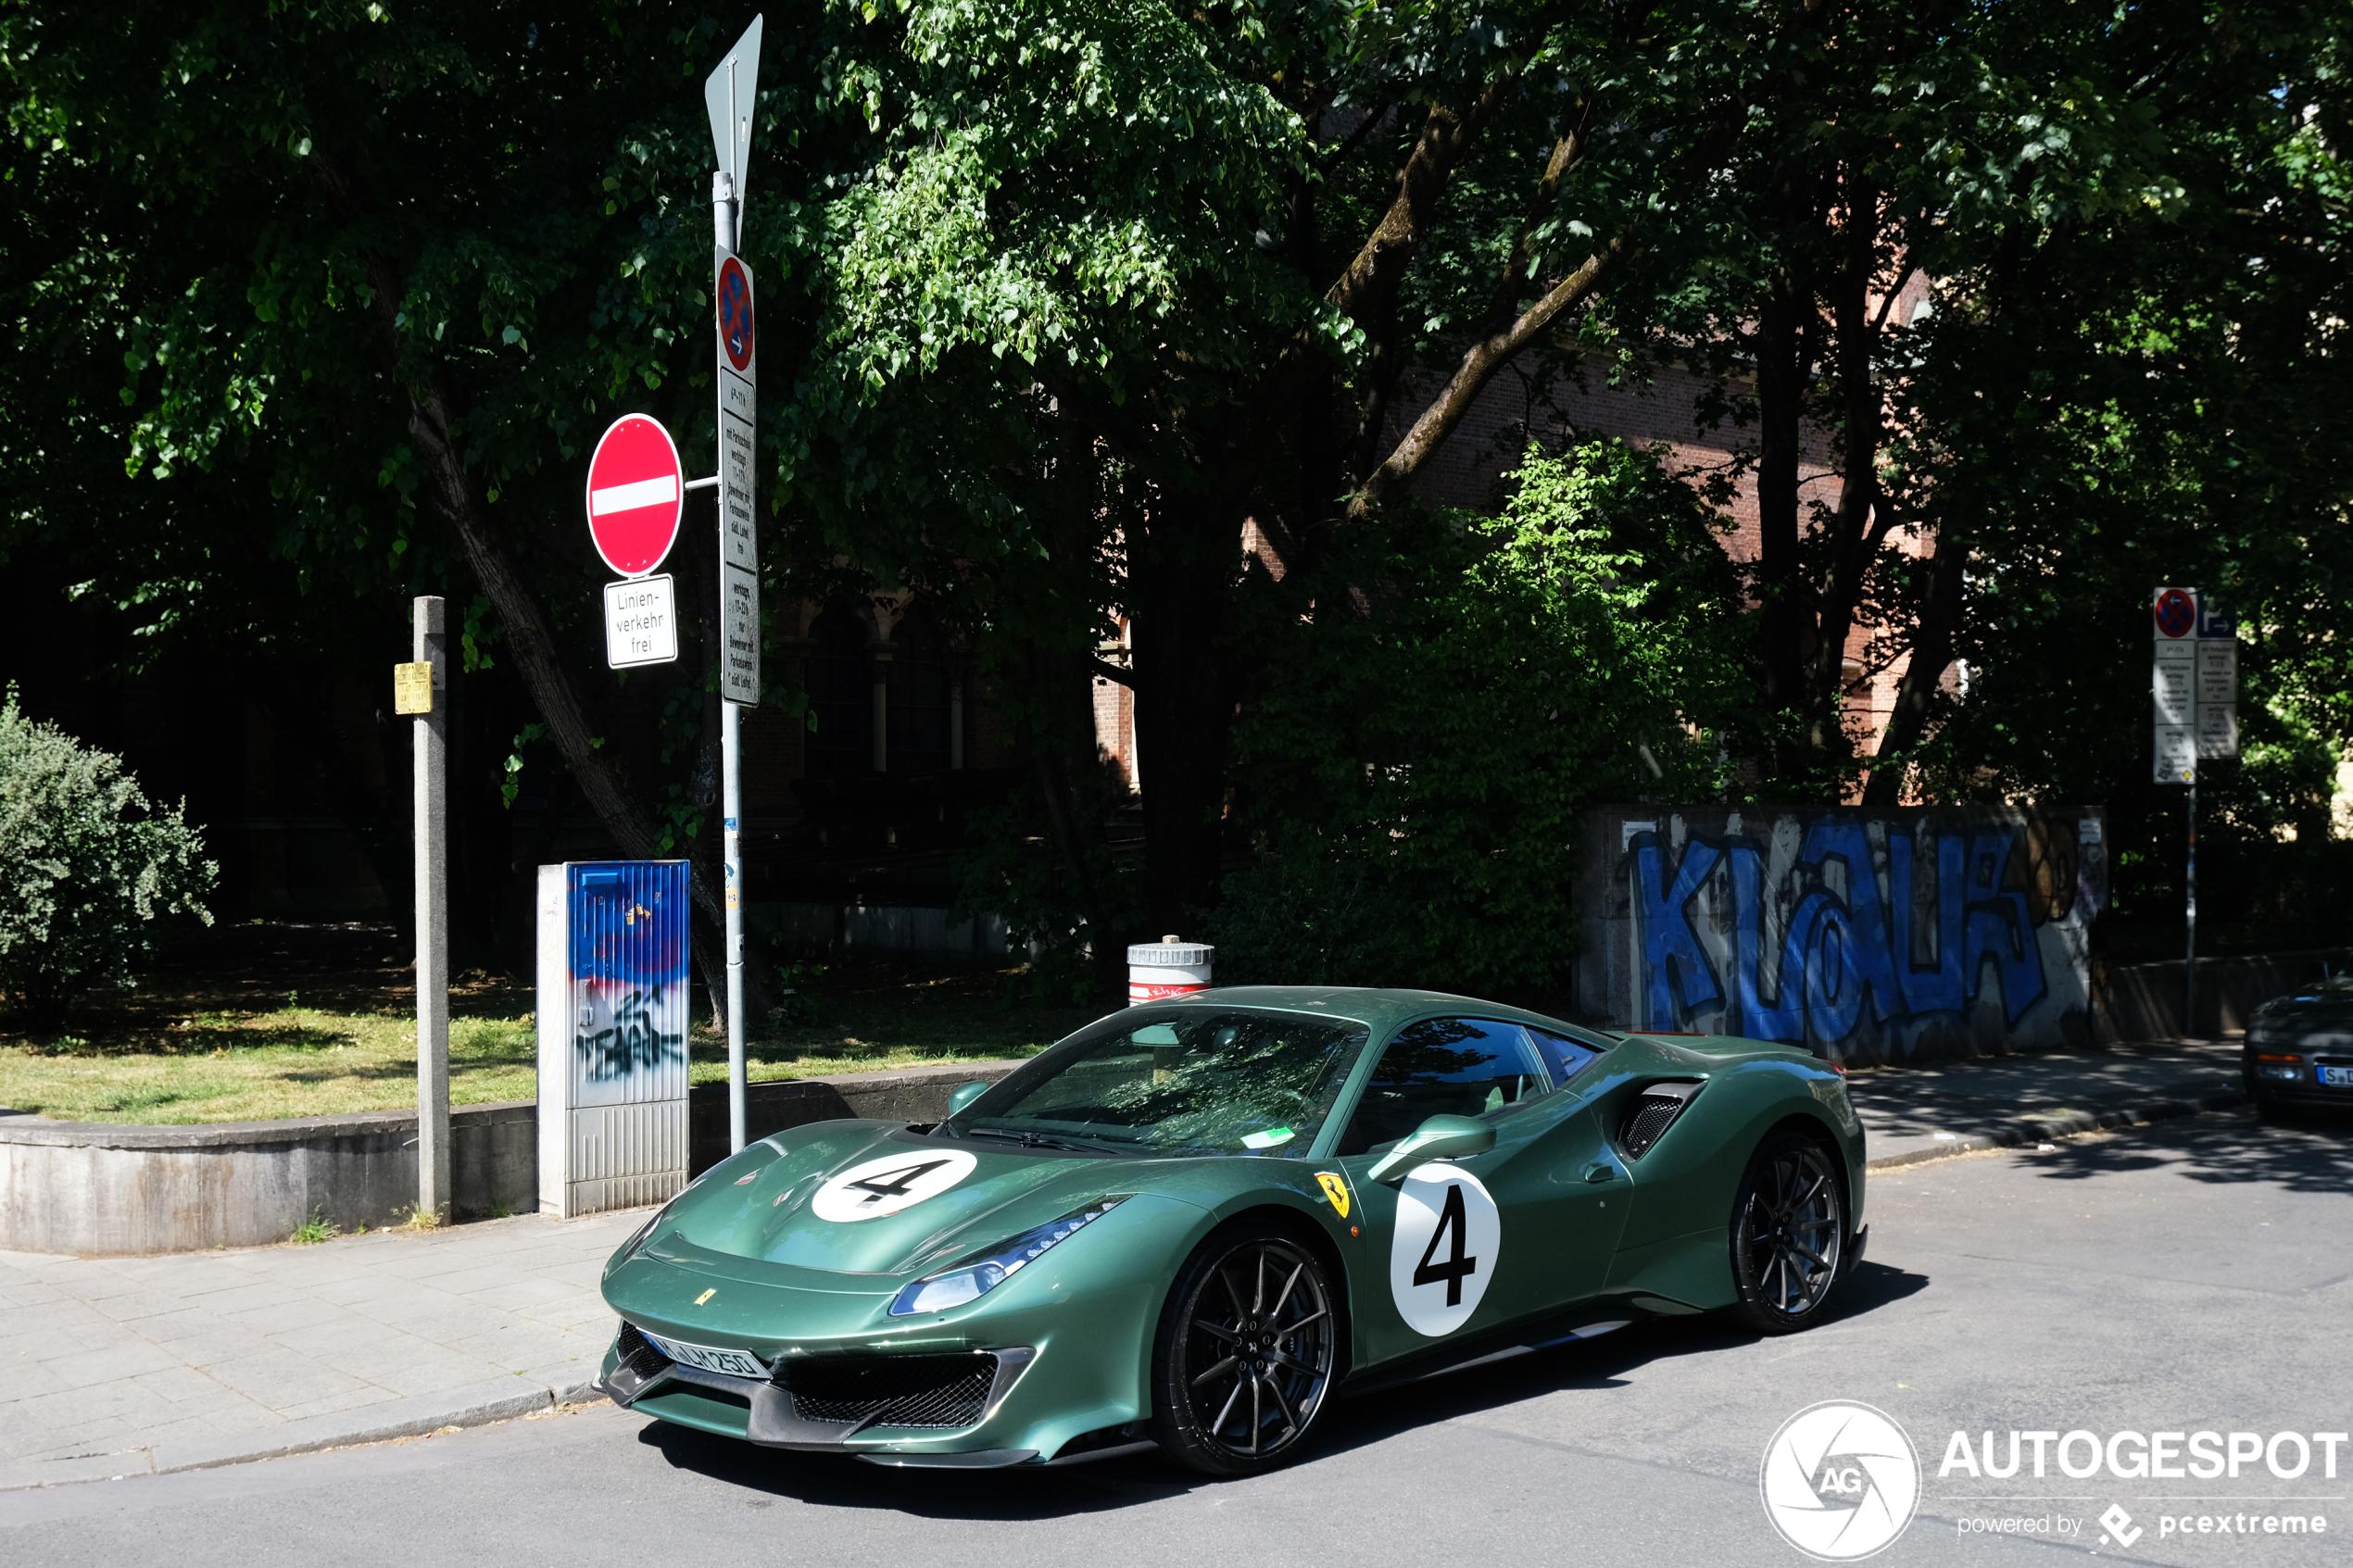 Mooier gaan we je dag niet maken: Ferrari 488 Pista